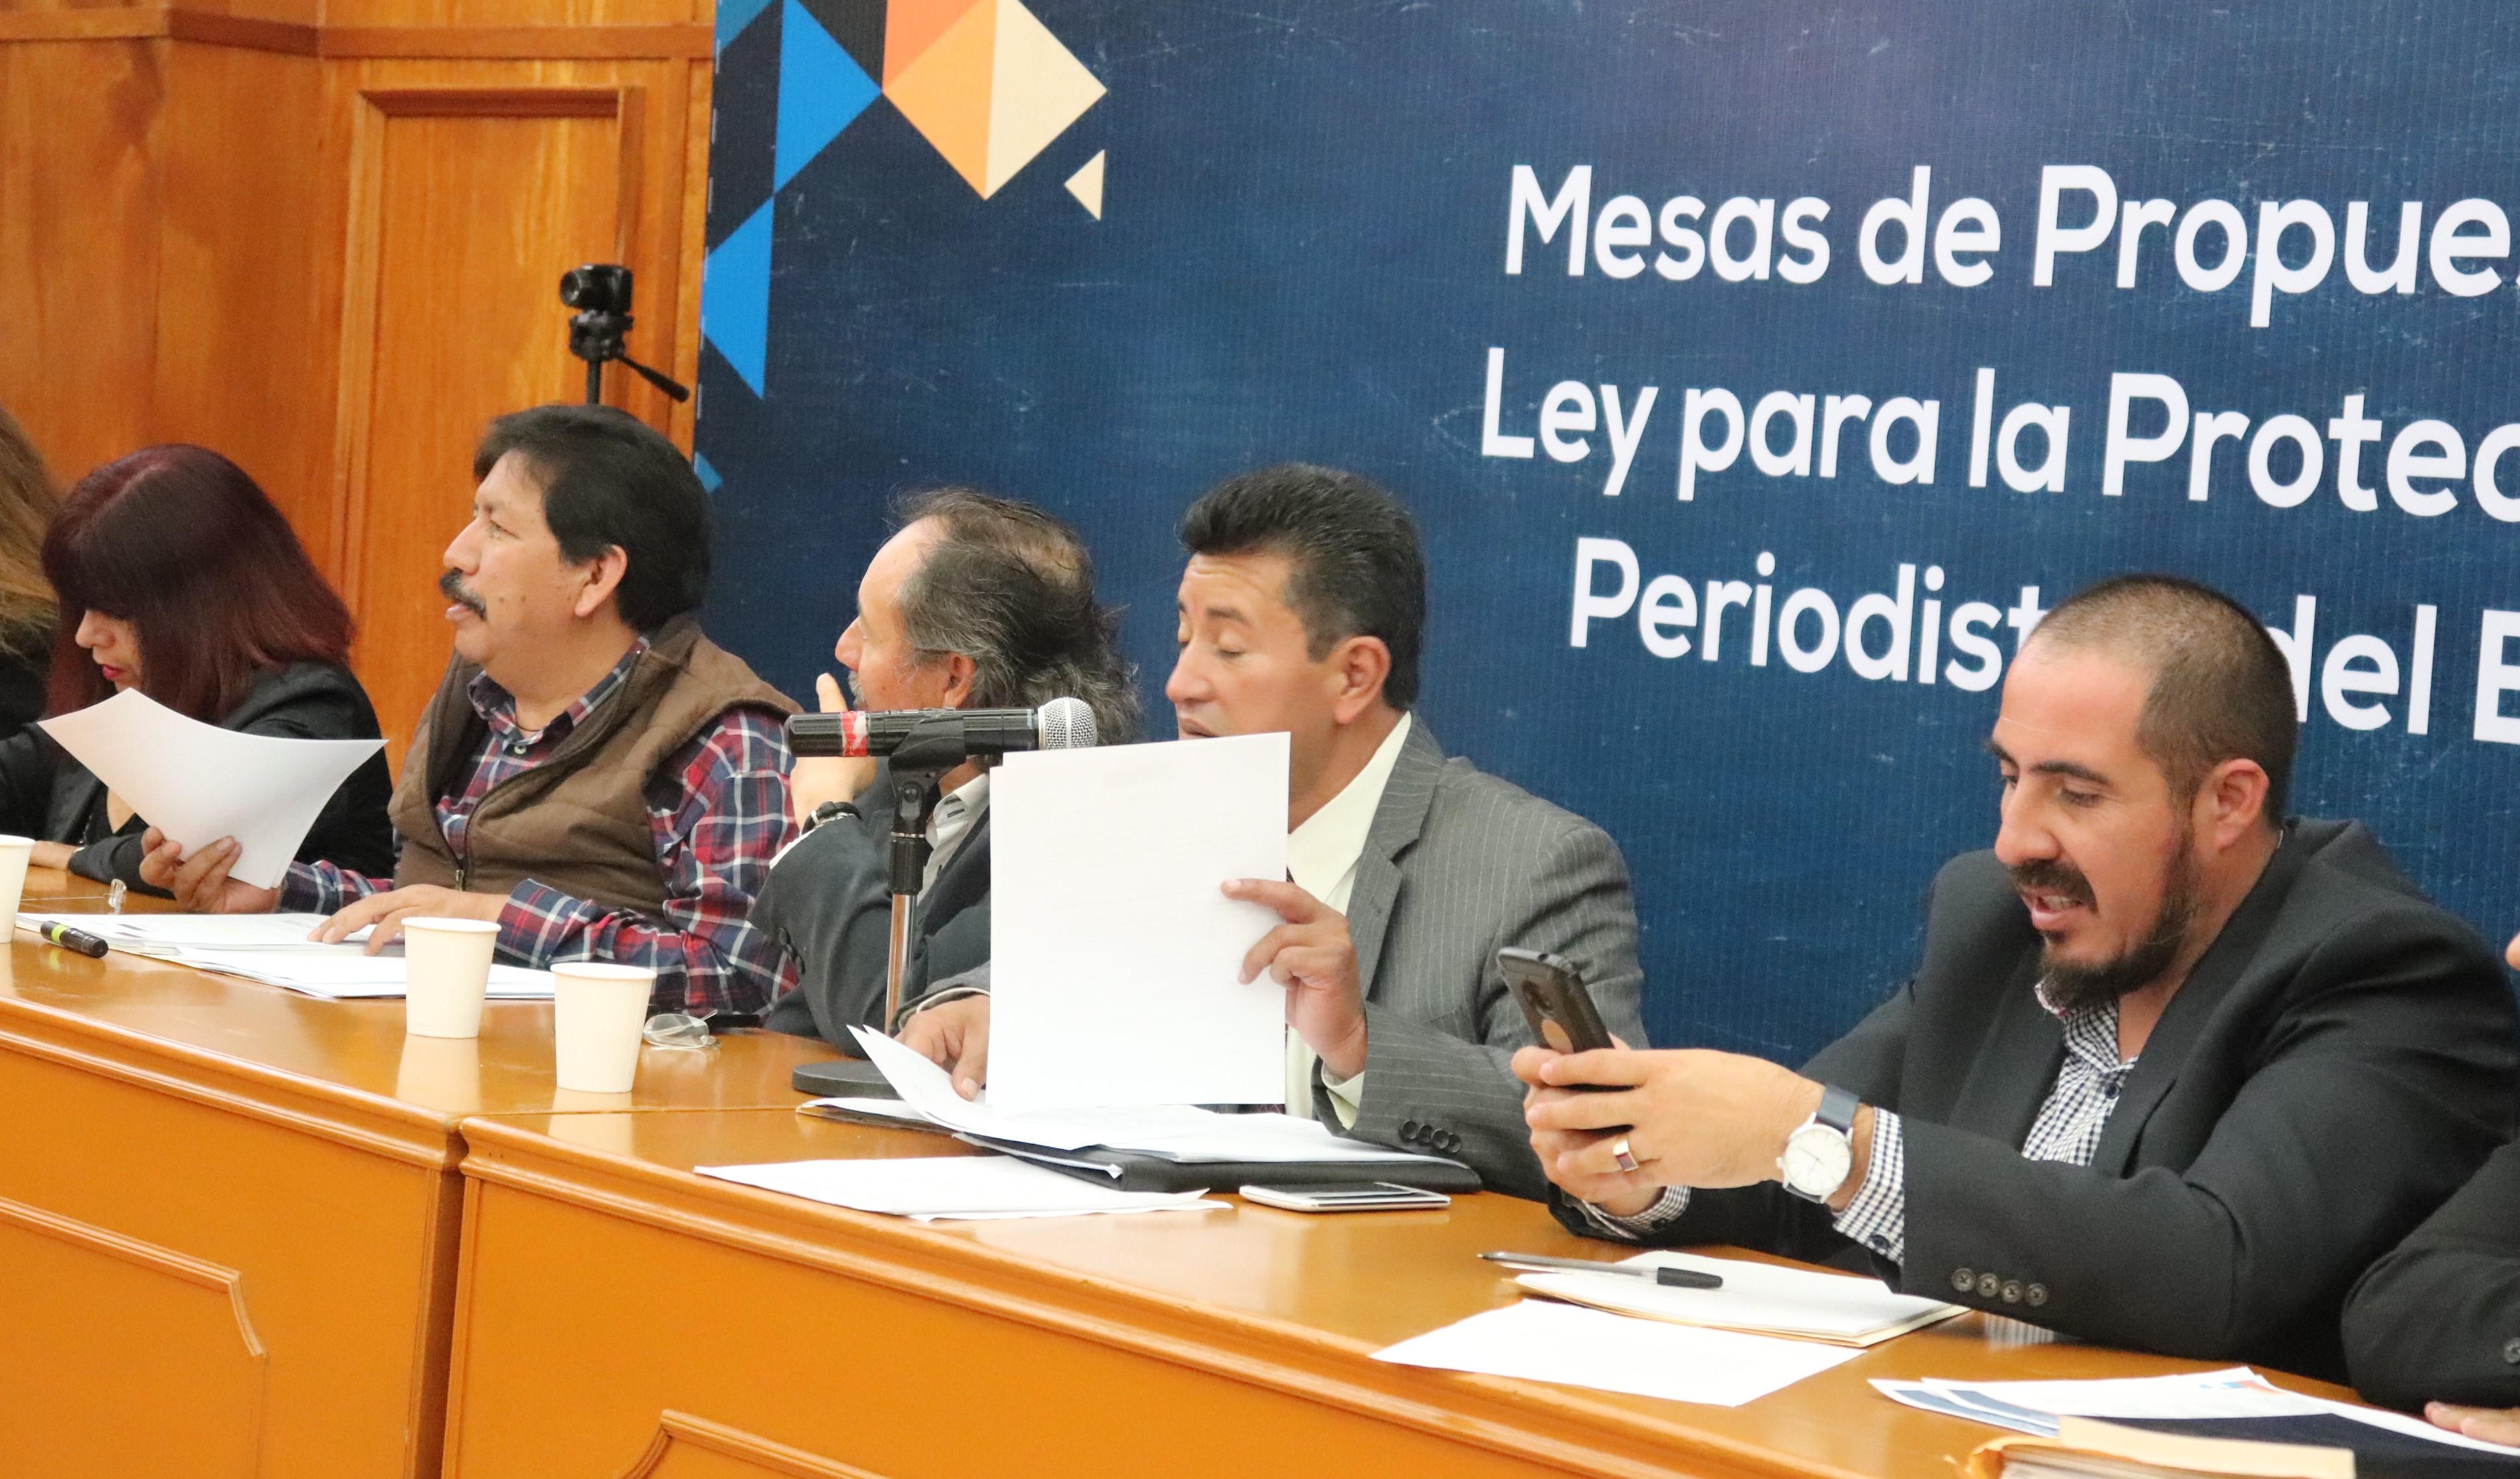 Apuesta Colectivo de Periodistas por una buena ley en #Edomex